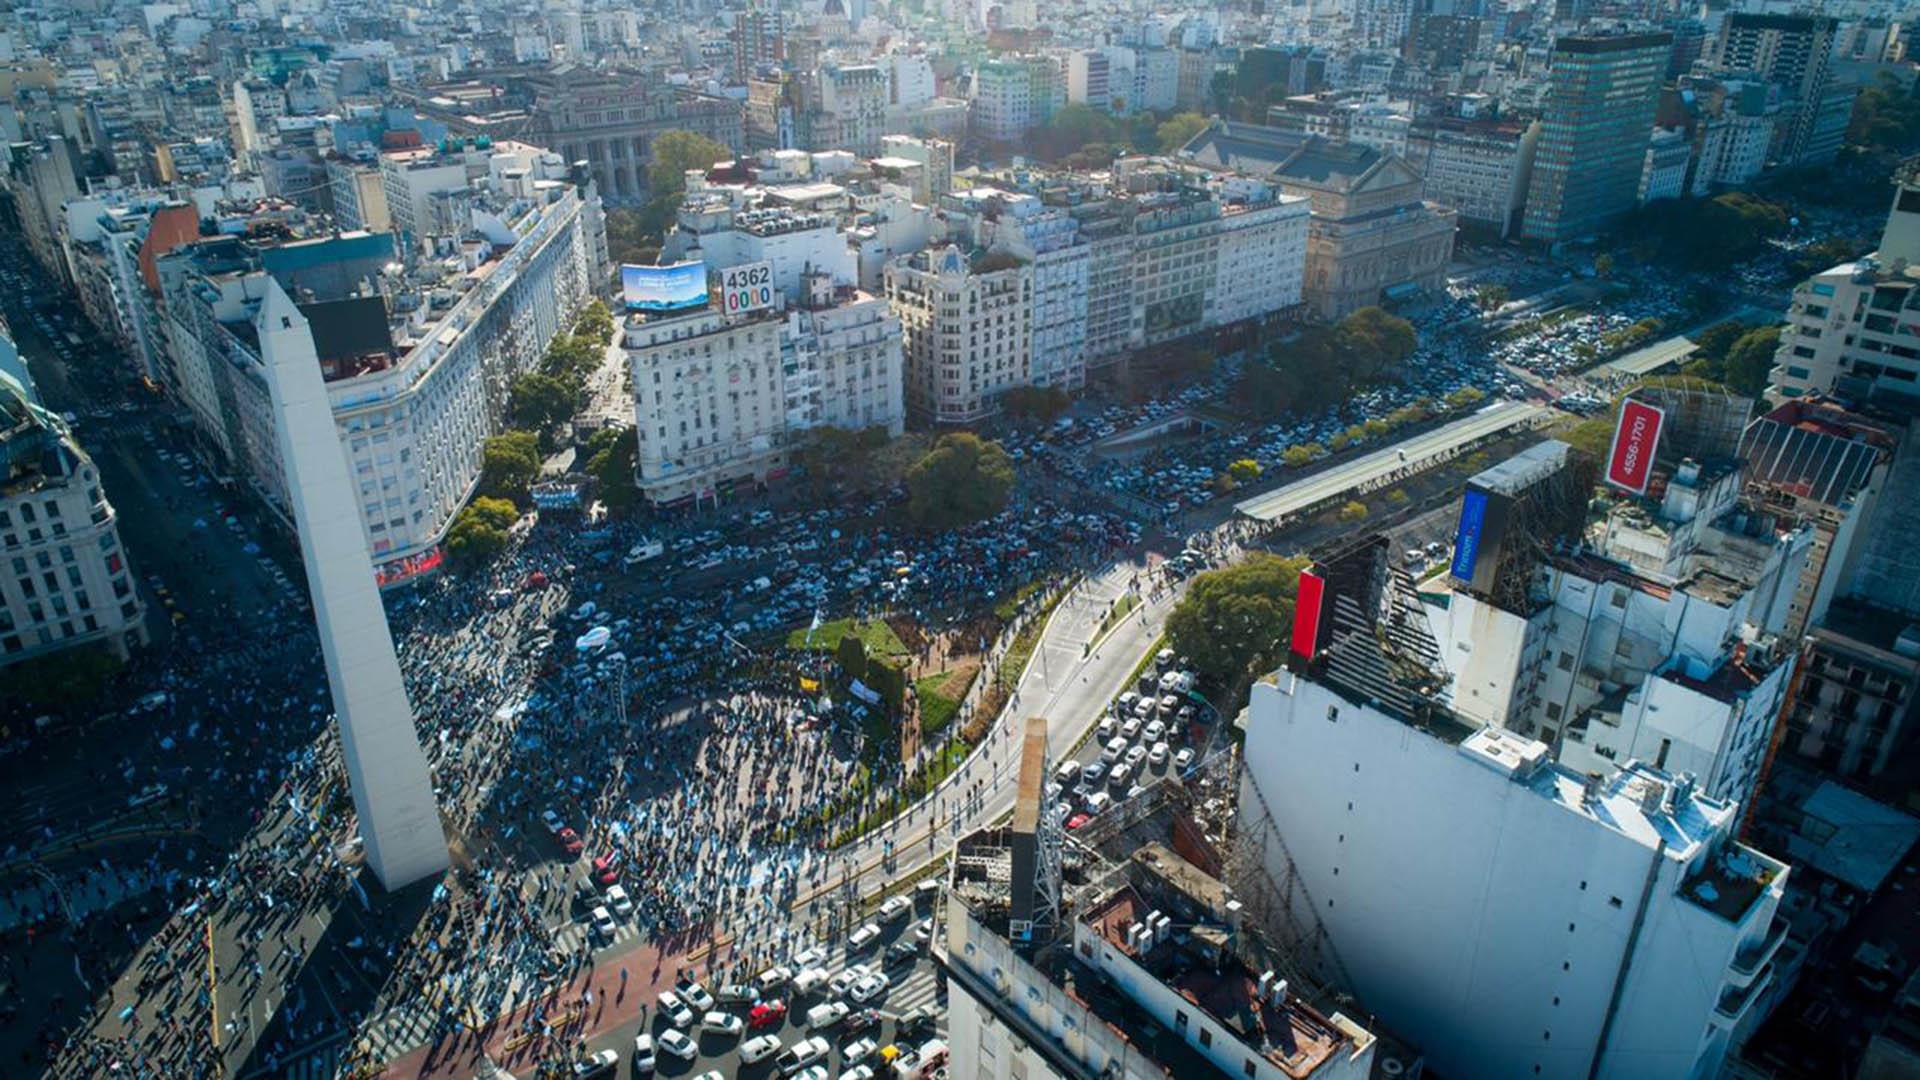 La protesta contra el Gobierno en imágenes - Infobae